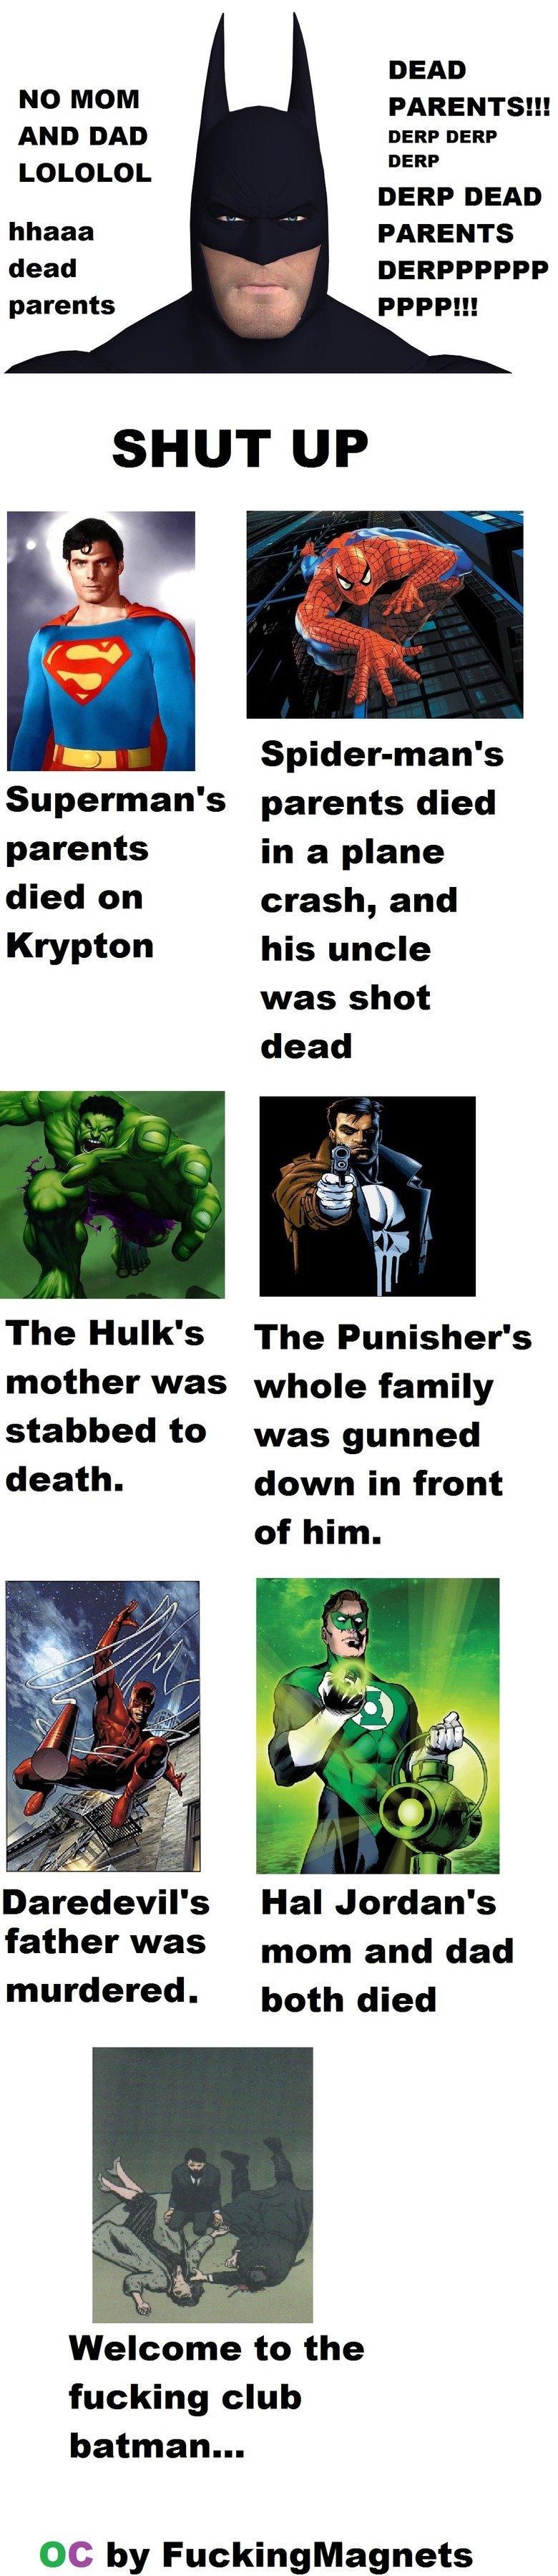 DEAD PARENTS dERP. . DEAD NO MOM PARENTS!!! AND DAD DERP DERP LOLOLOL DERP DERP DEAD hhaah PARENTS dead parents PAPP!!! SHUT UP Spiderpman' s Superman' s parent DEAD PARENTS dERP NO MOM PARENTS!!! AND DAD DERP LOLOLOL hhaah dead parents PAPP!!! SHUT UP Spiderpman' s Superman' parent